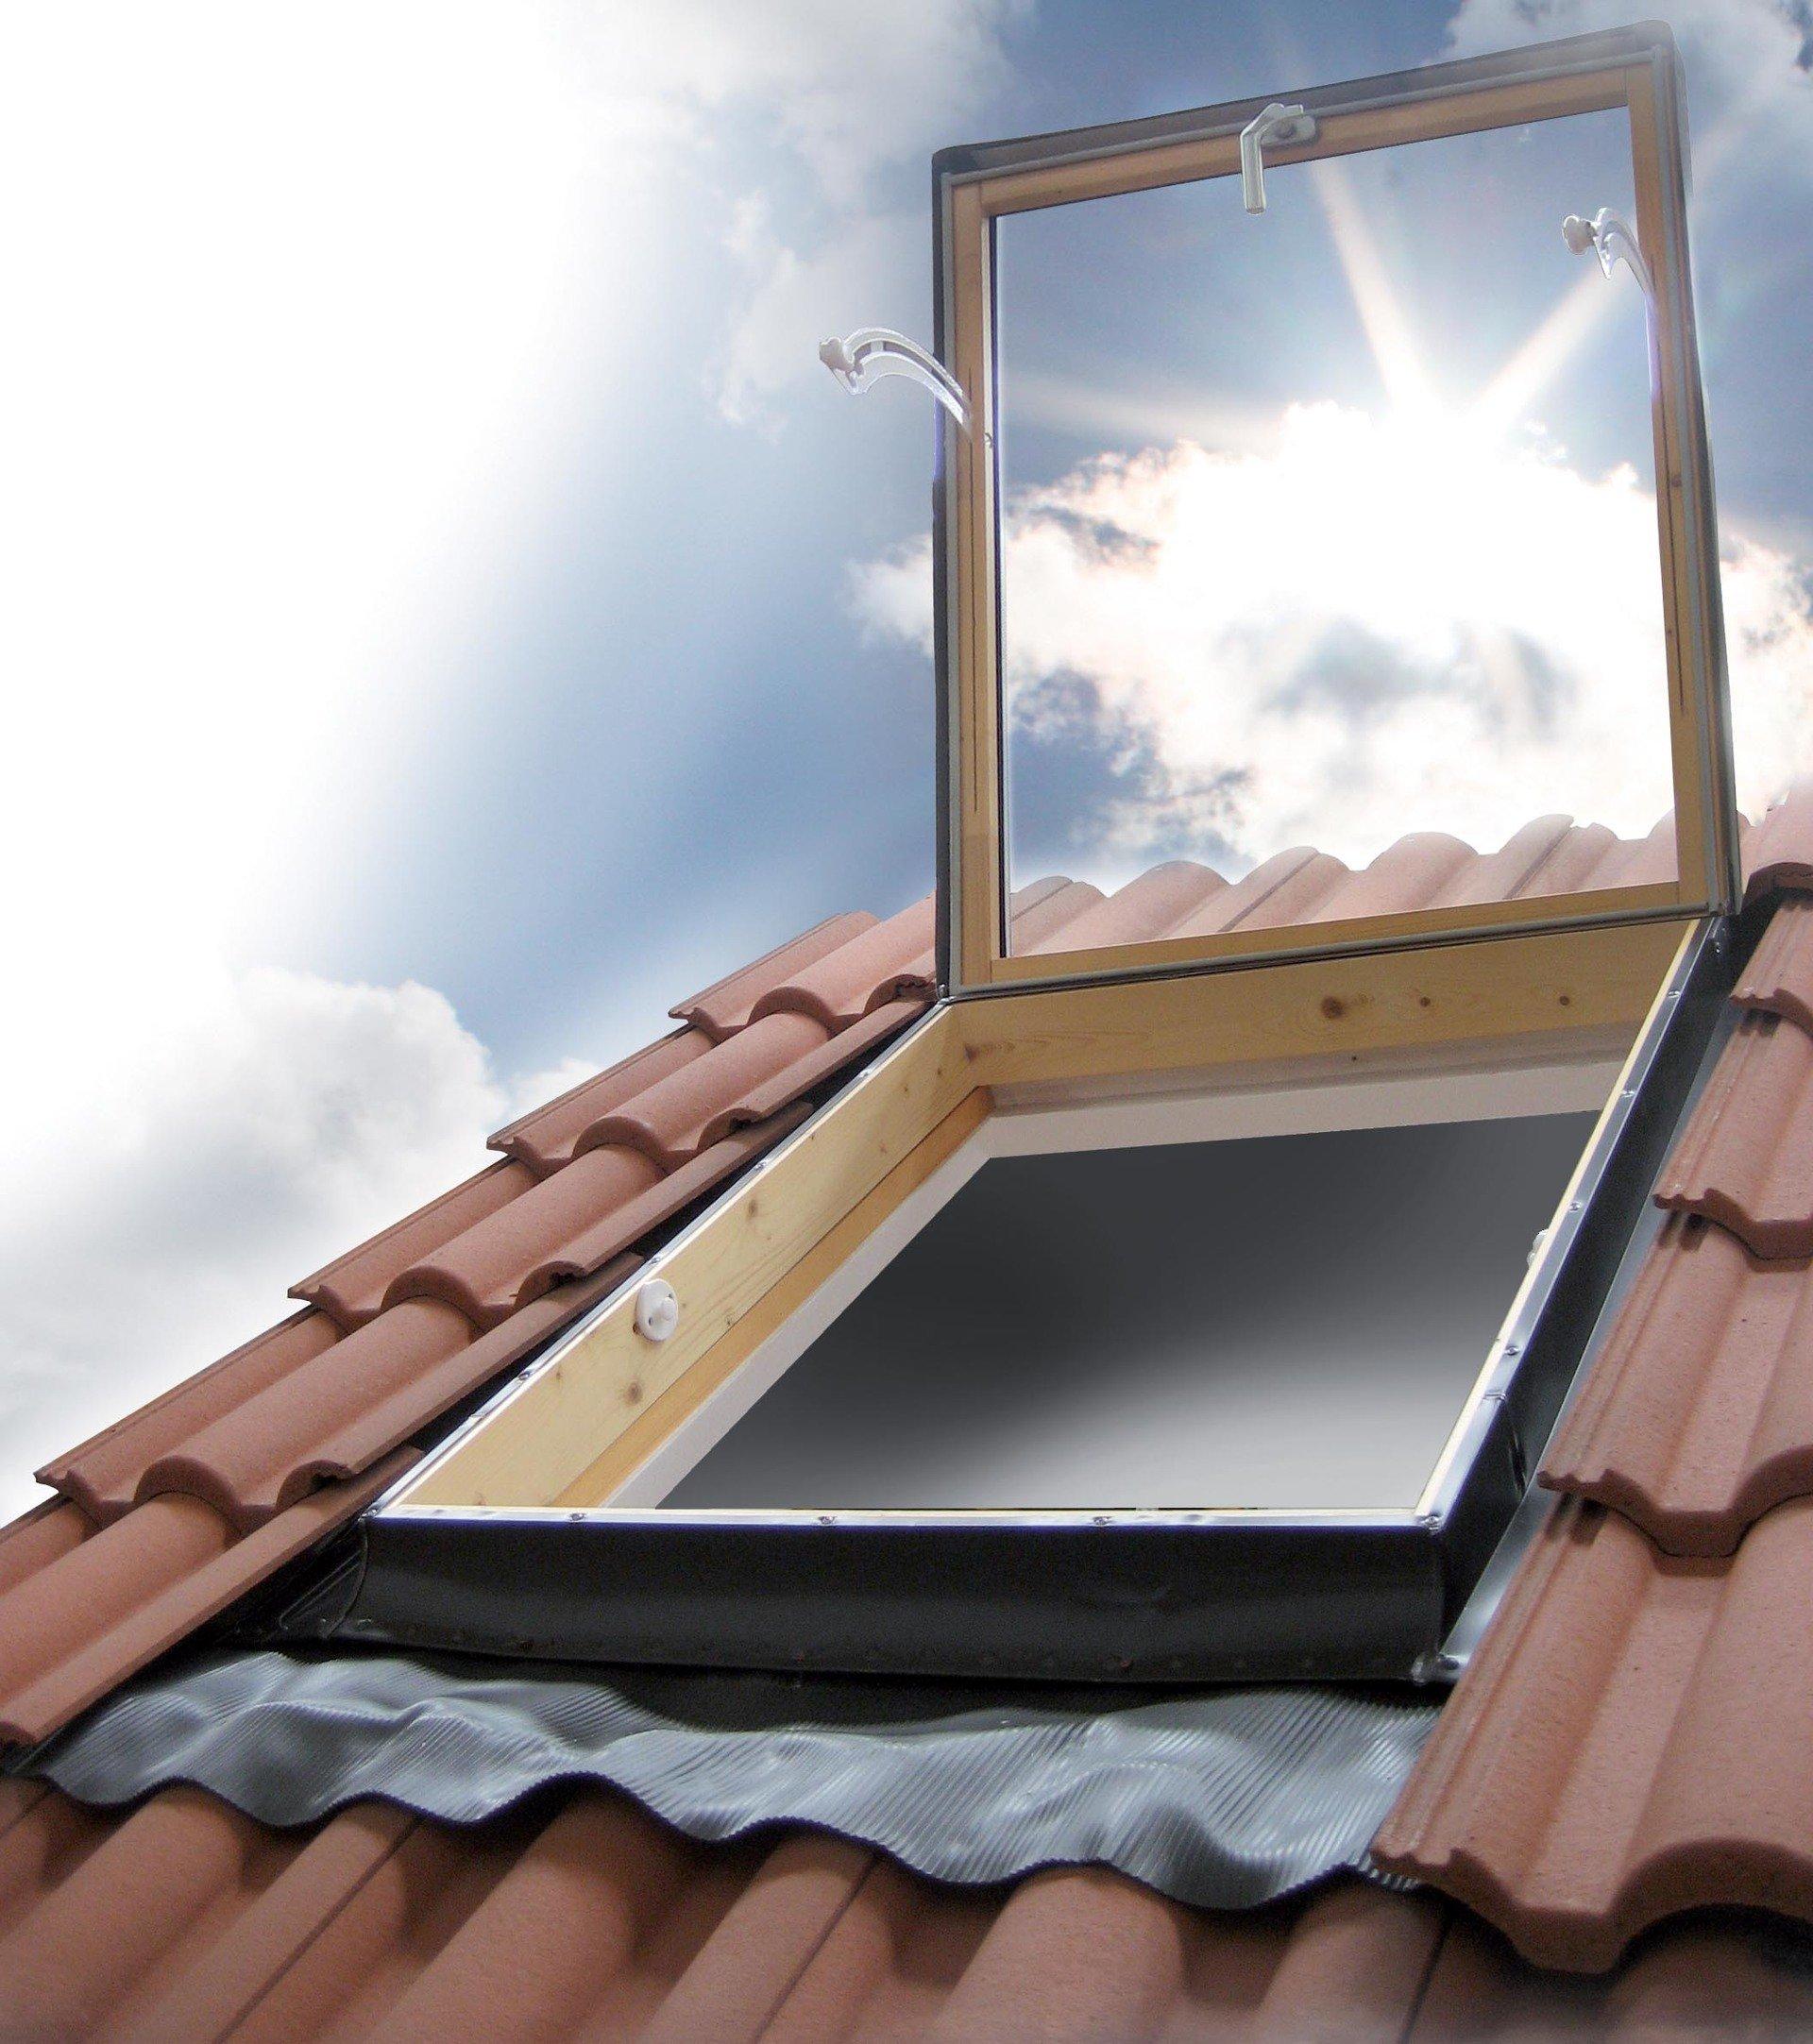 Modelli lucernari sottotetto forl cesena luxin - Blocca finestra aperta ...